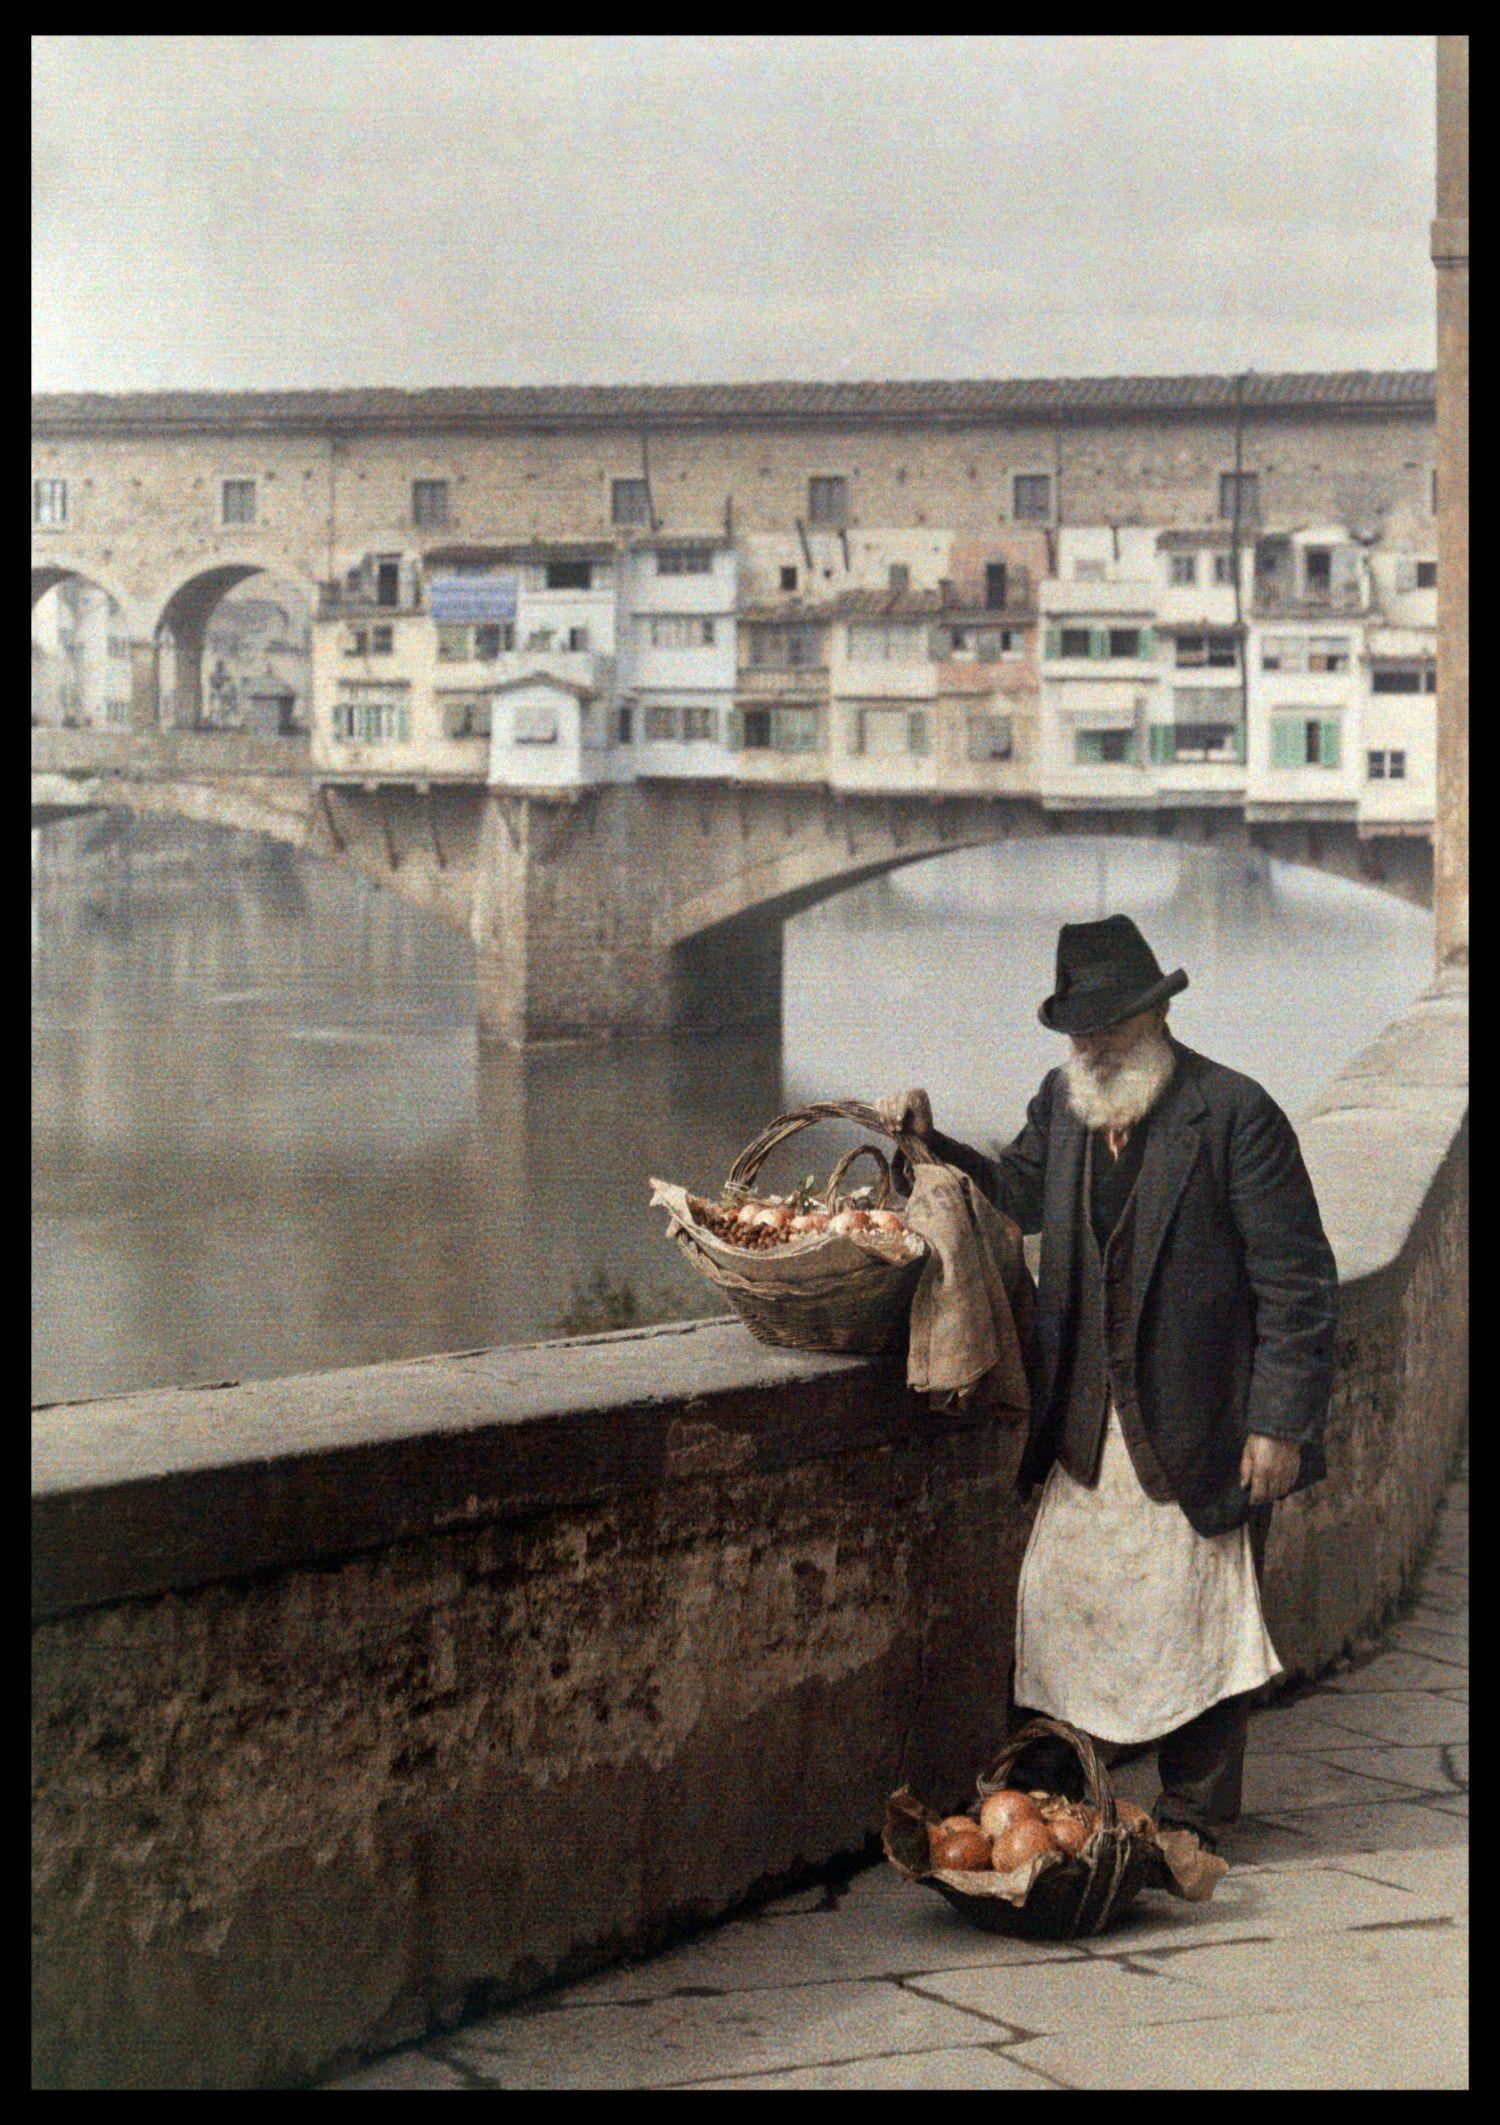 Торговец гранатами у Понте Веккьо, Флоренция, около 1910 г ...